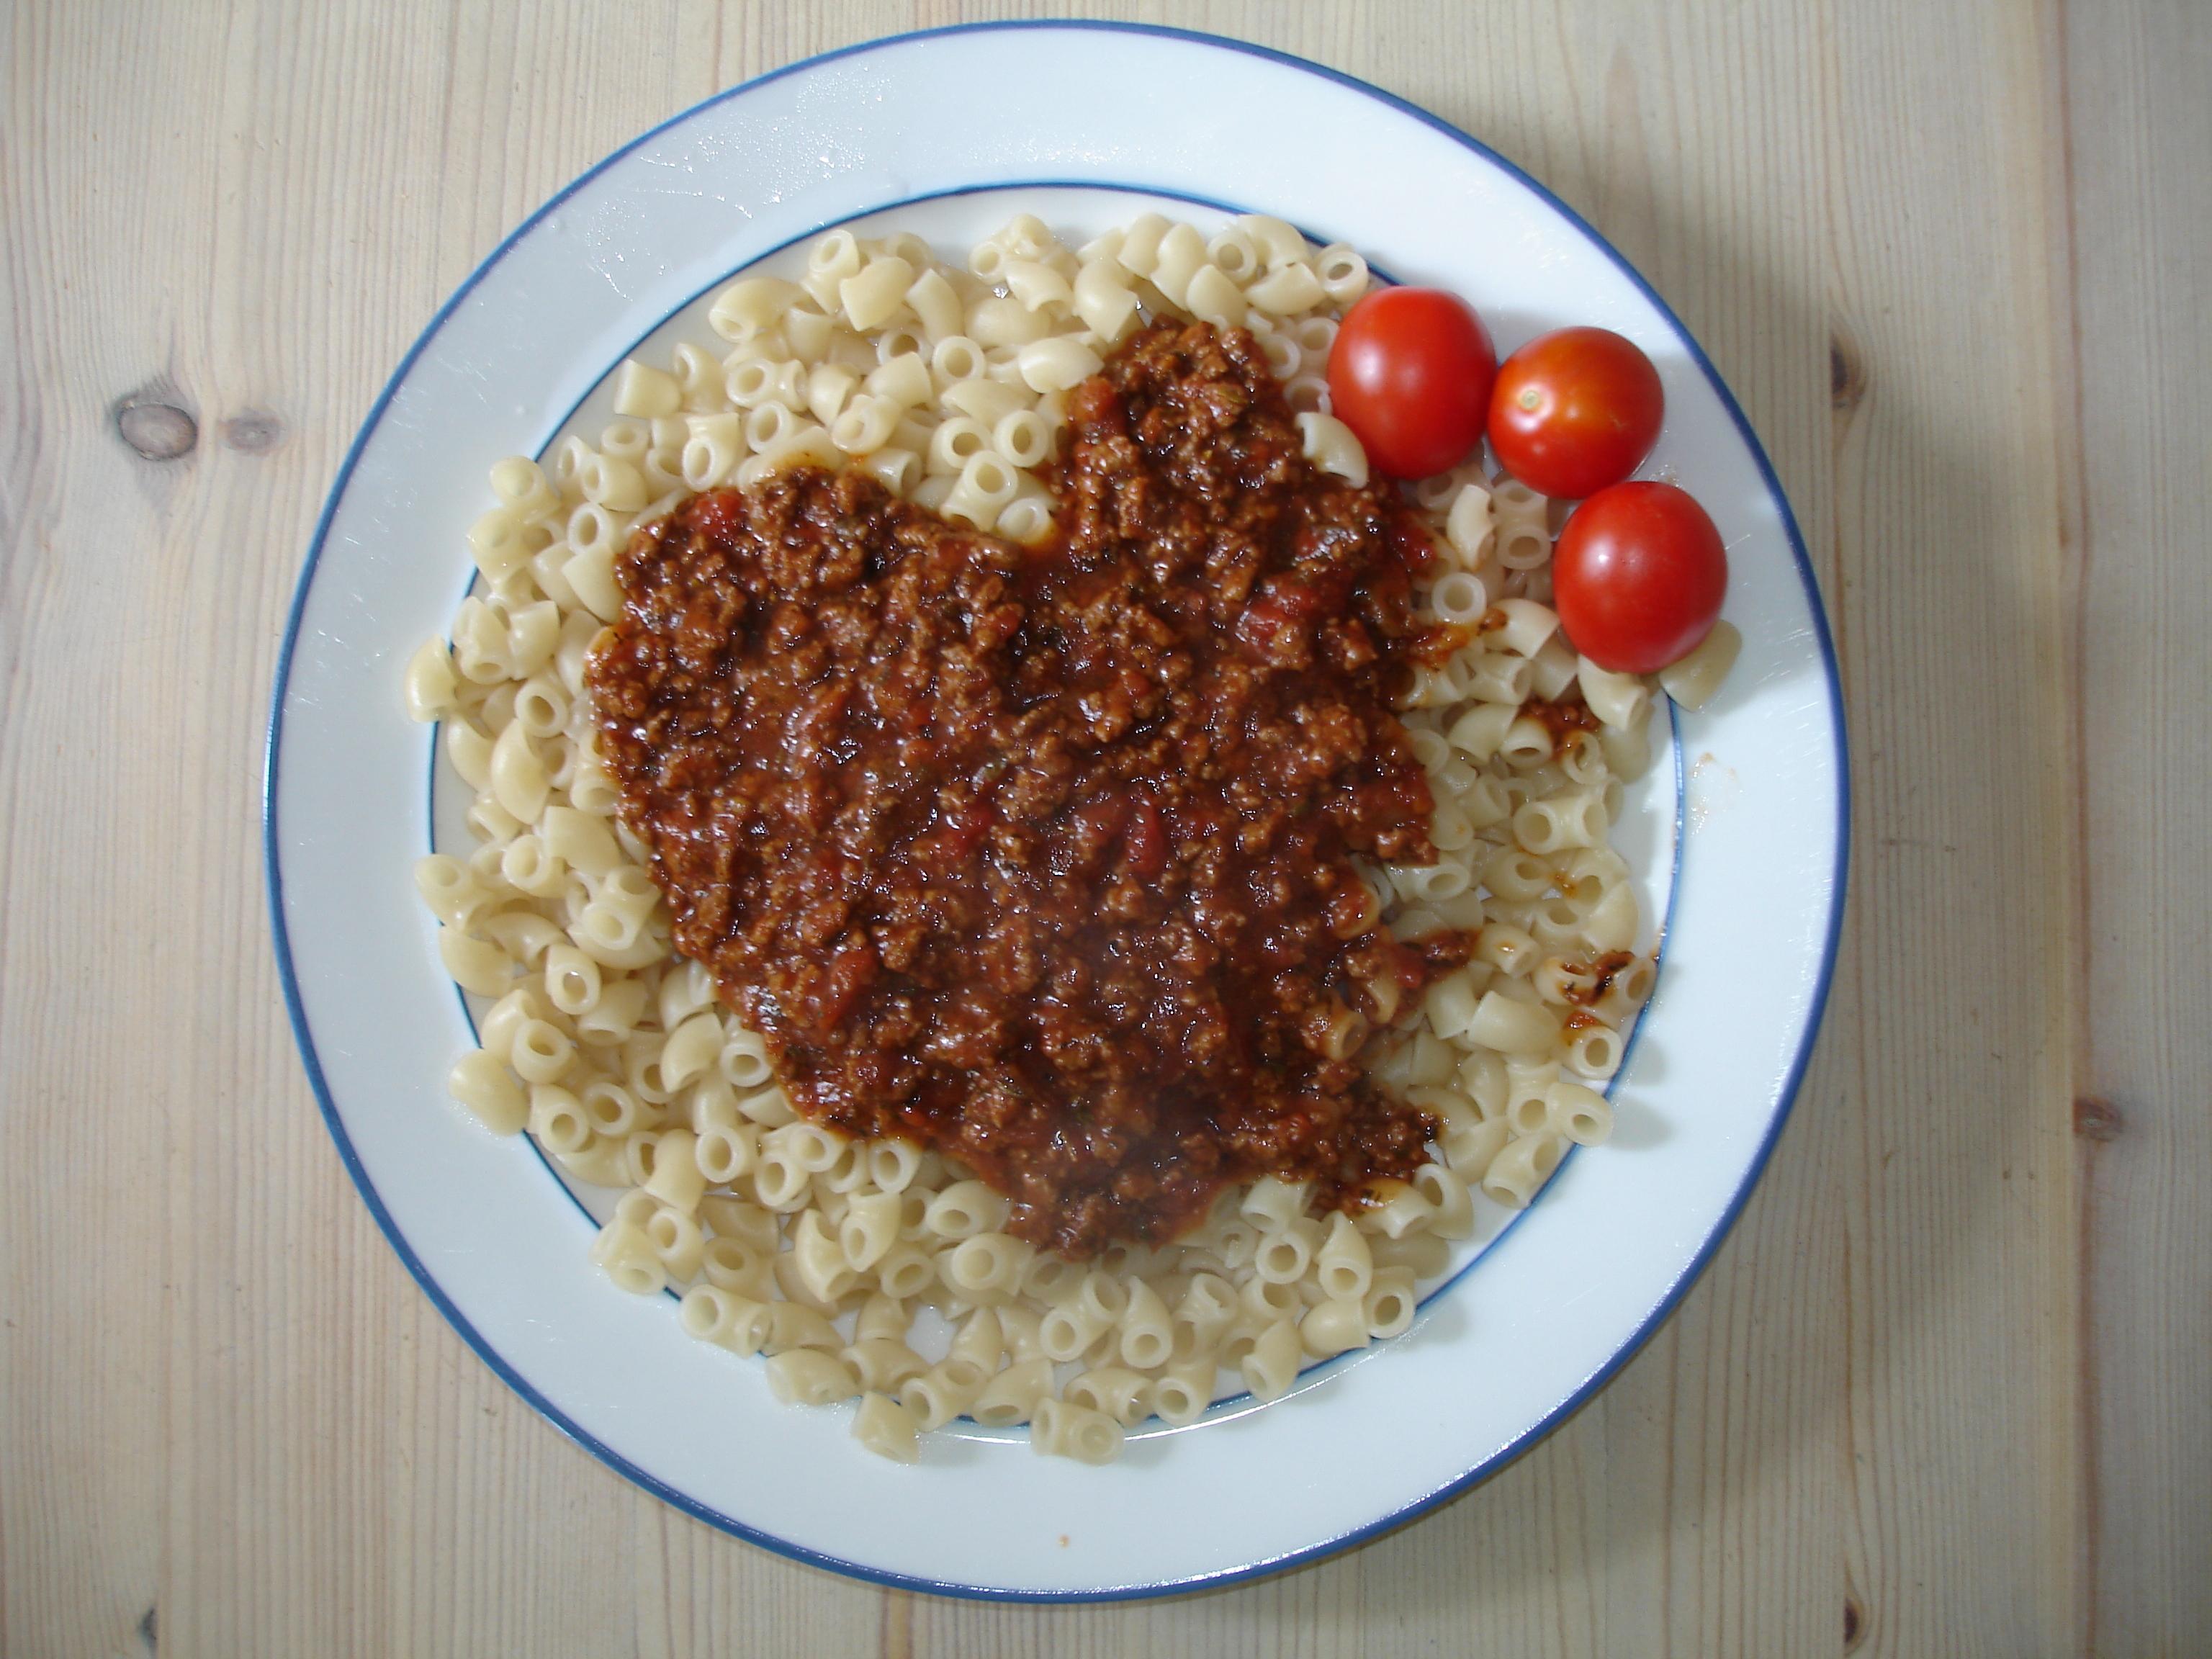 egen tomatsås till köttfärssås